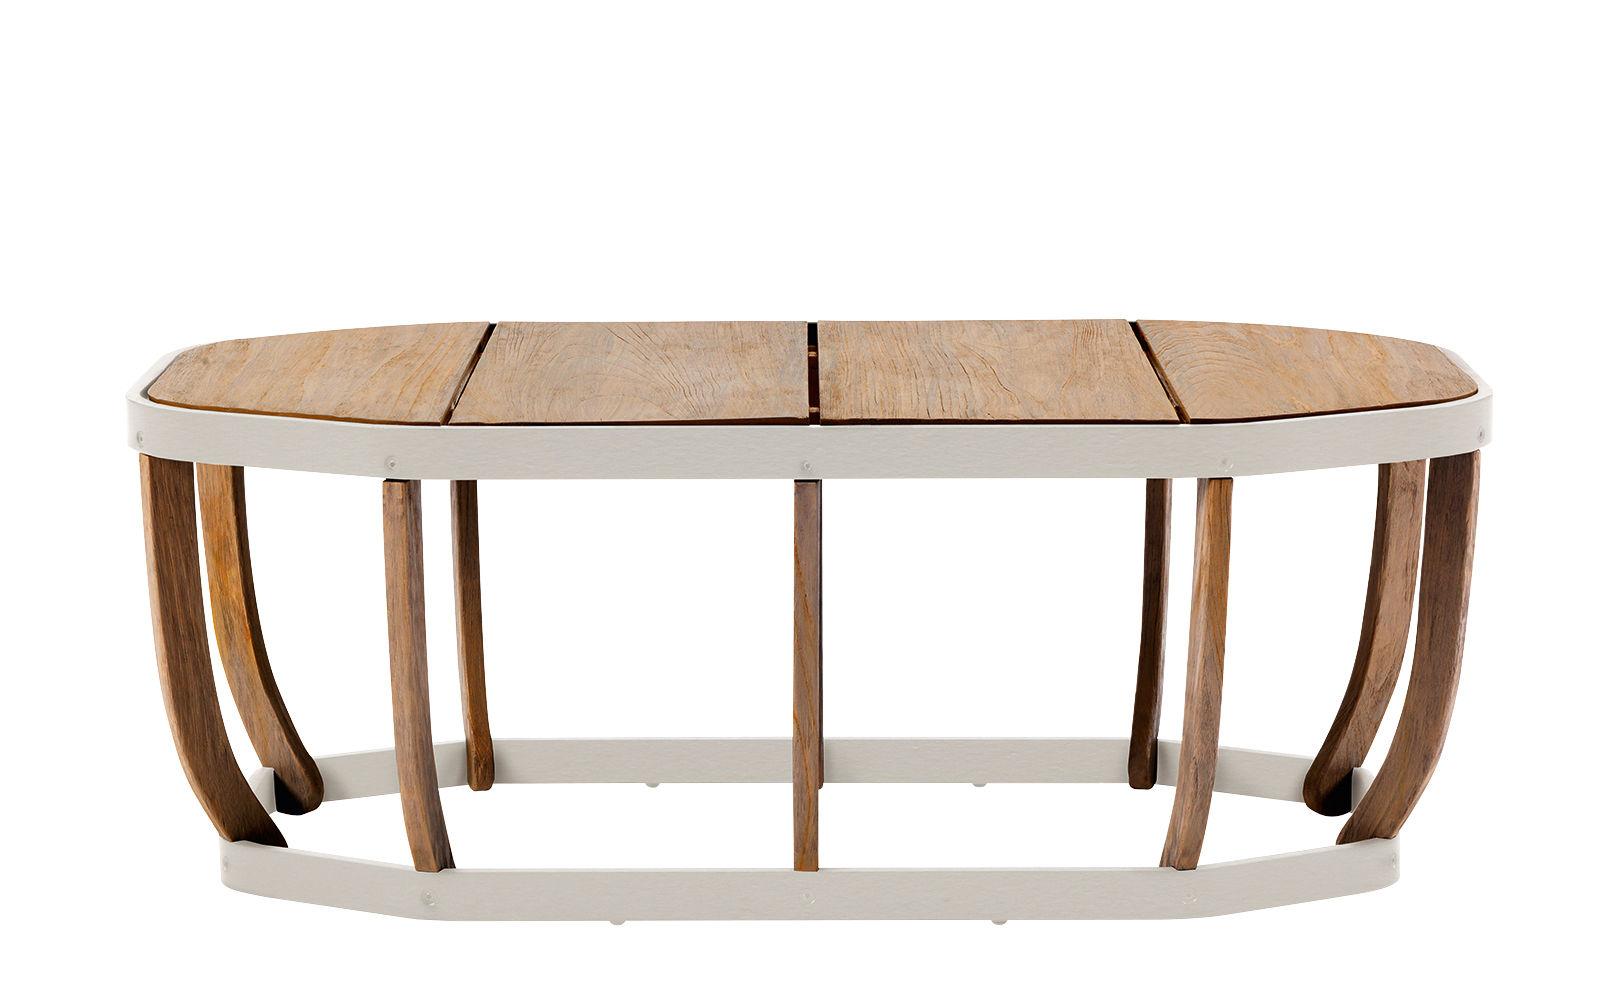 Möbel - Couchtische - Swing XL Couchtisch / 110 x 57 cm - Ethimo - Weiß & Teakholz - lackiertes Aluminium, Natürliches Teakholz